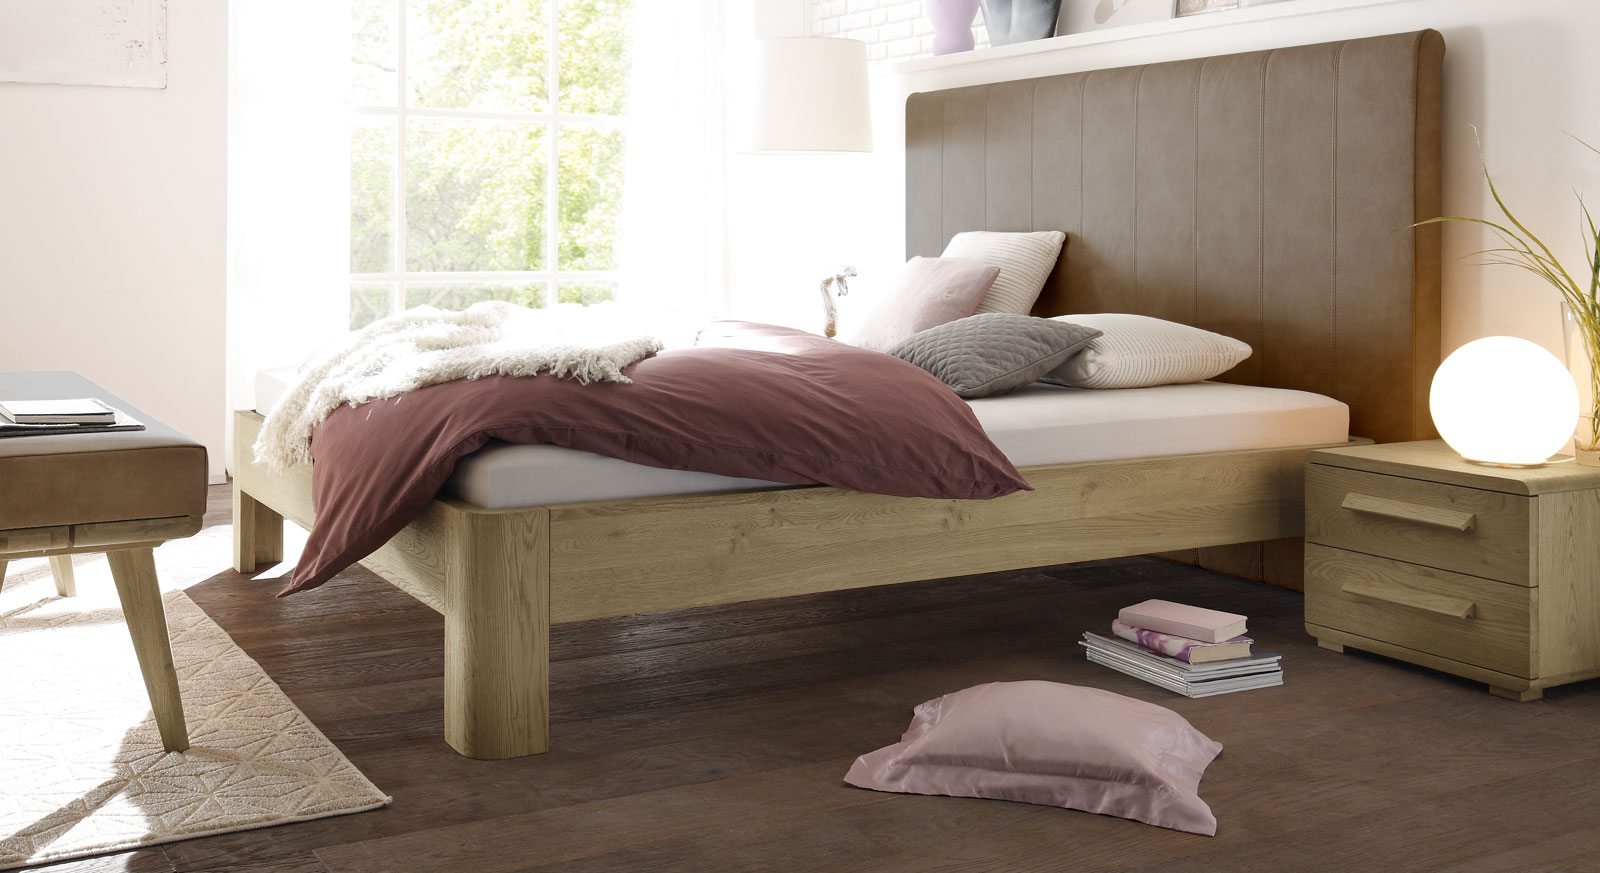 wandpaneele deckenpaneele und weitere modernisieren bauen g nstig online kaufen bei m bel. Black Bedroom Furniture Sets. Home Design Ideas